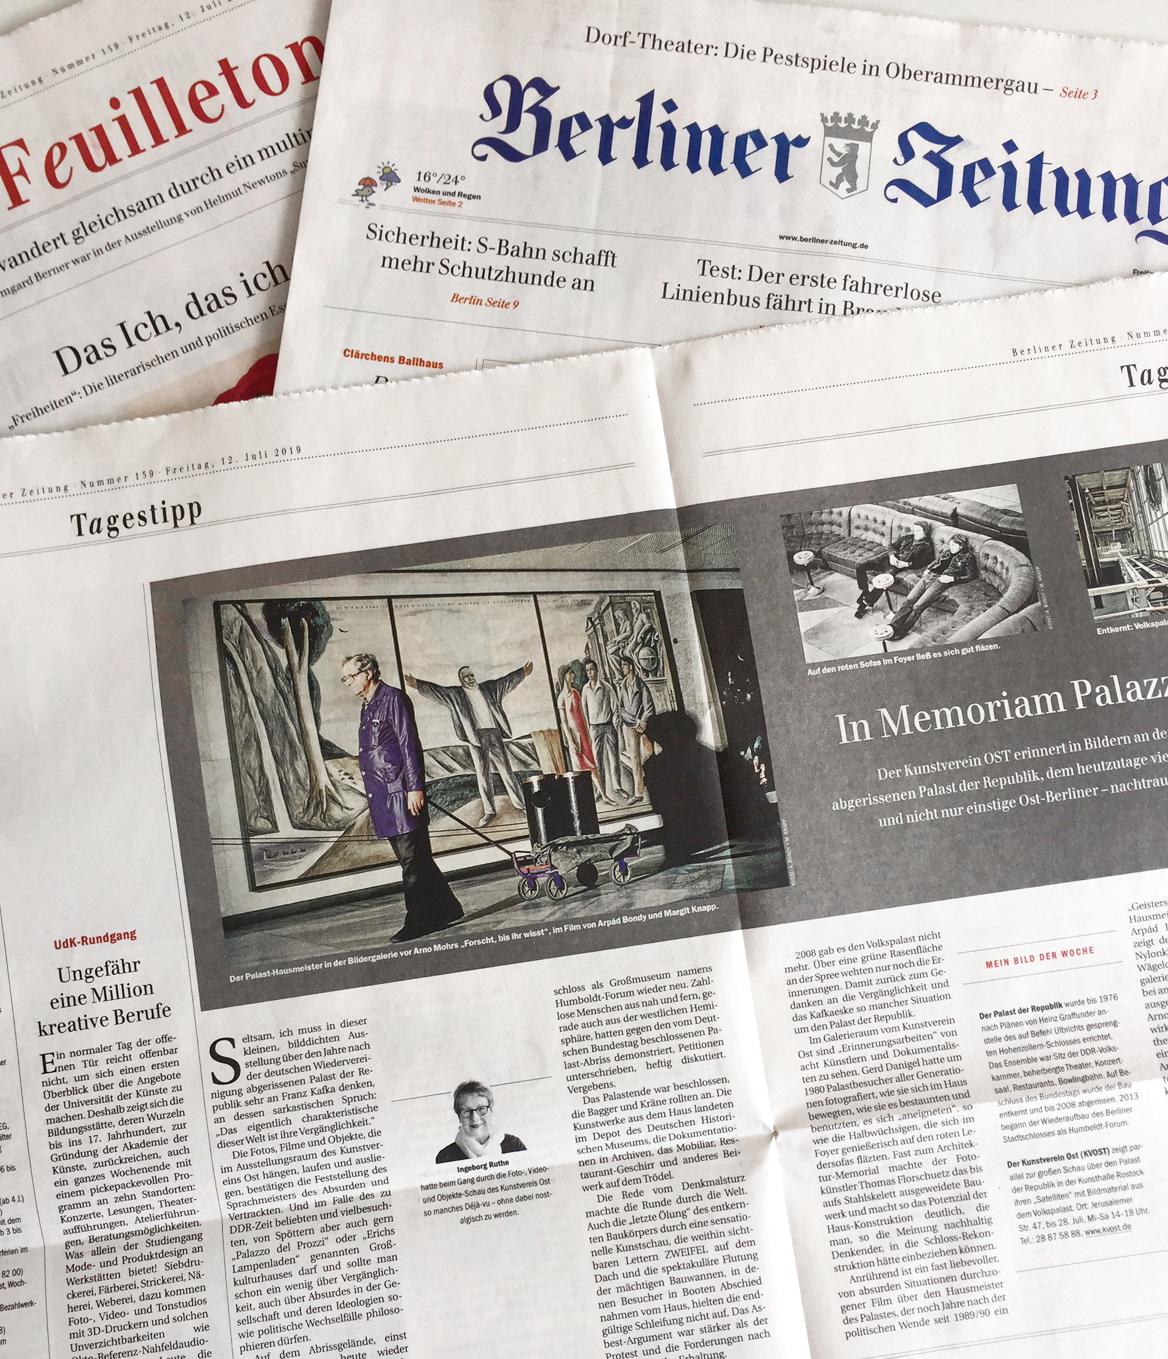 Berliner Zeitung / Feuilleton